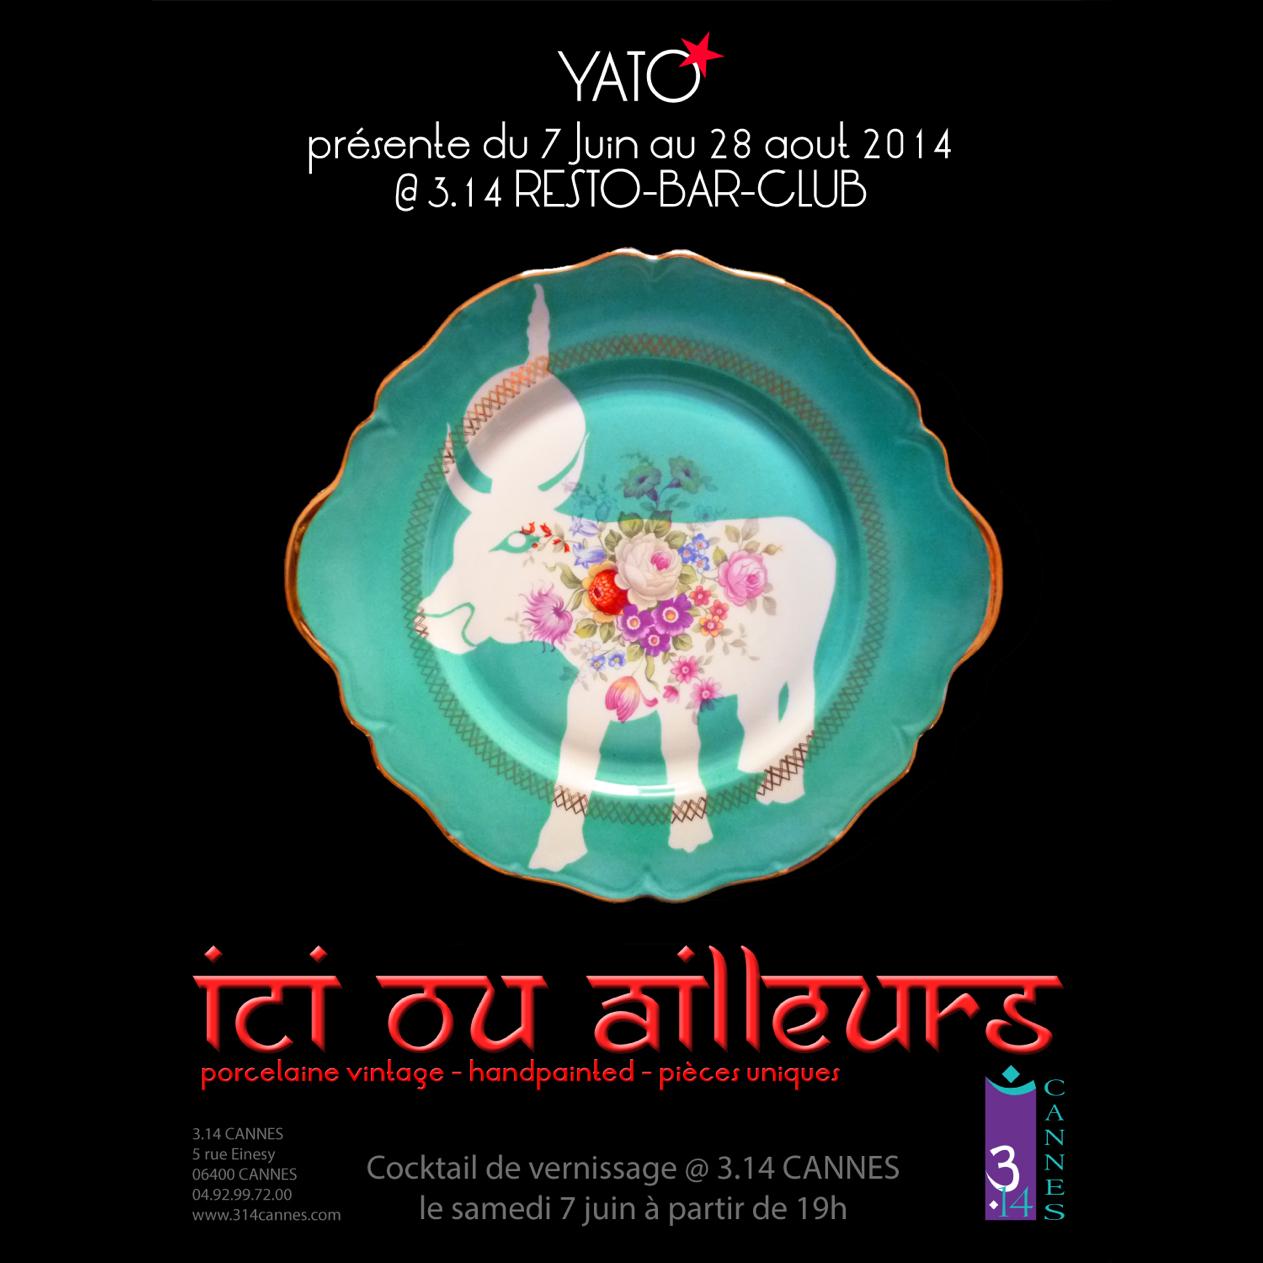 Invitation-YATO@hotel 3.14 Cannes